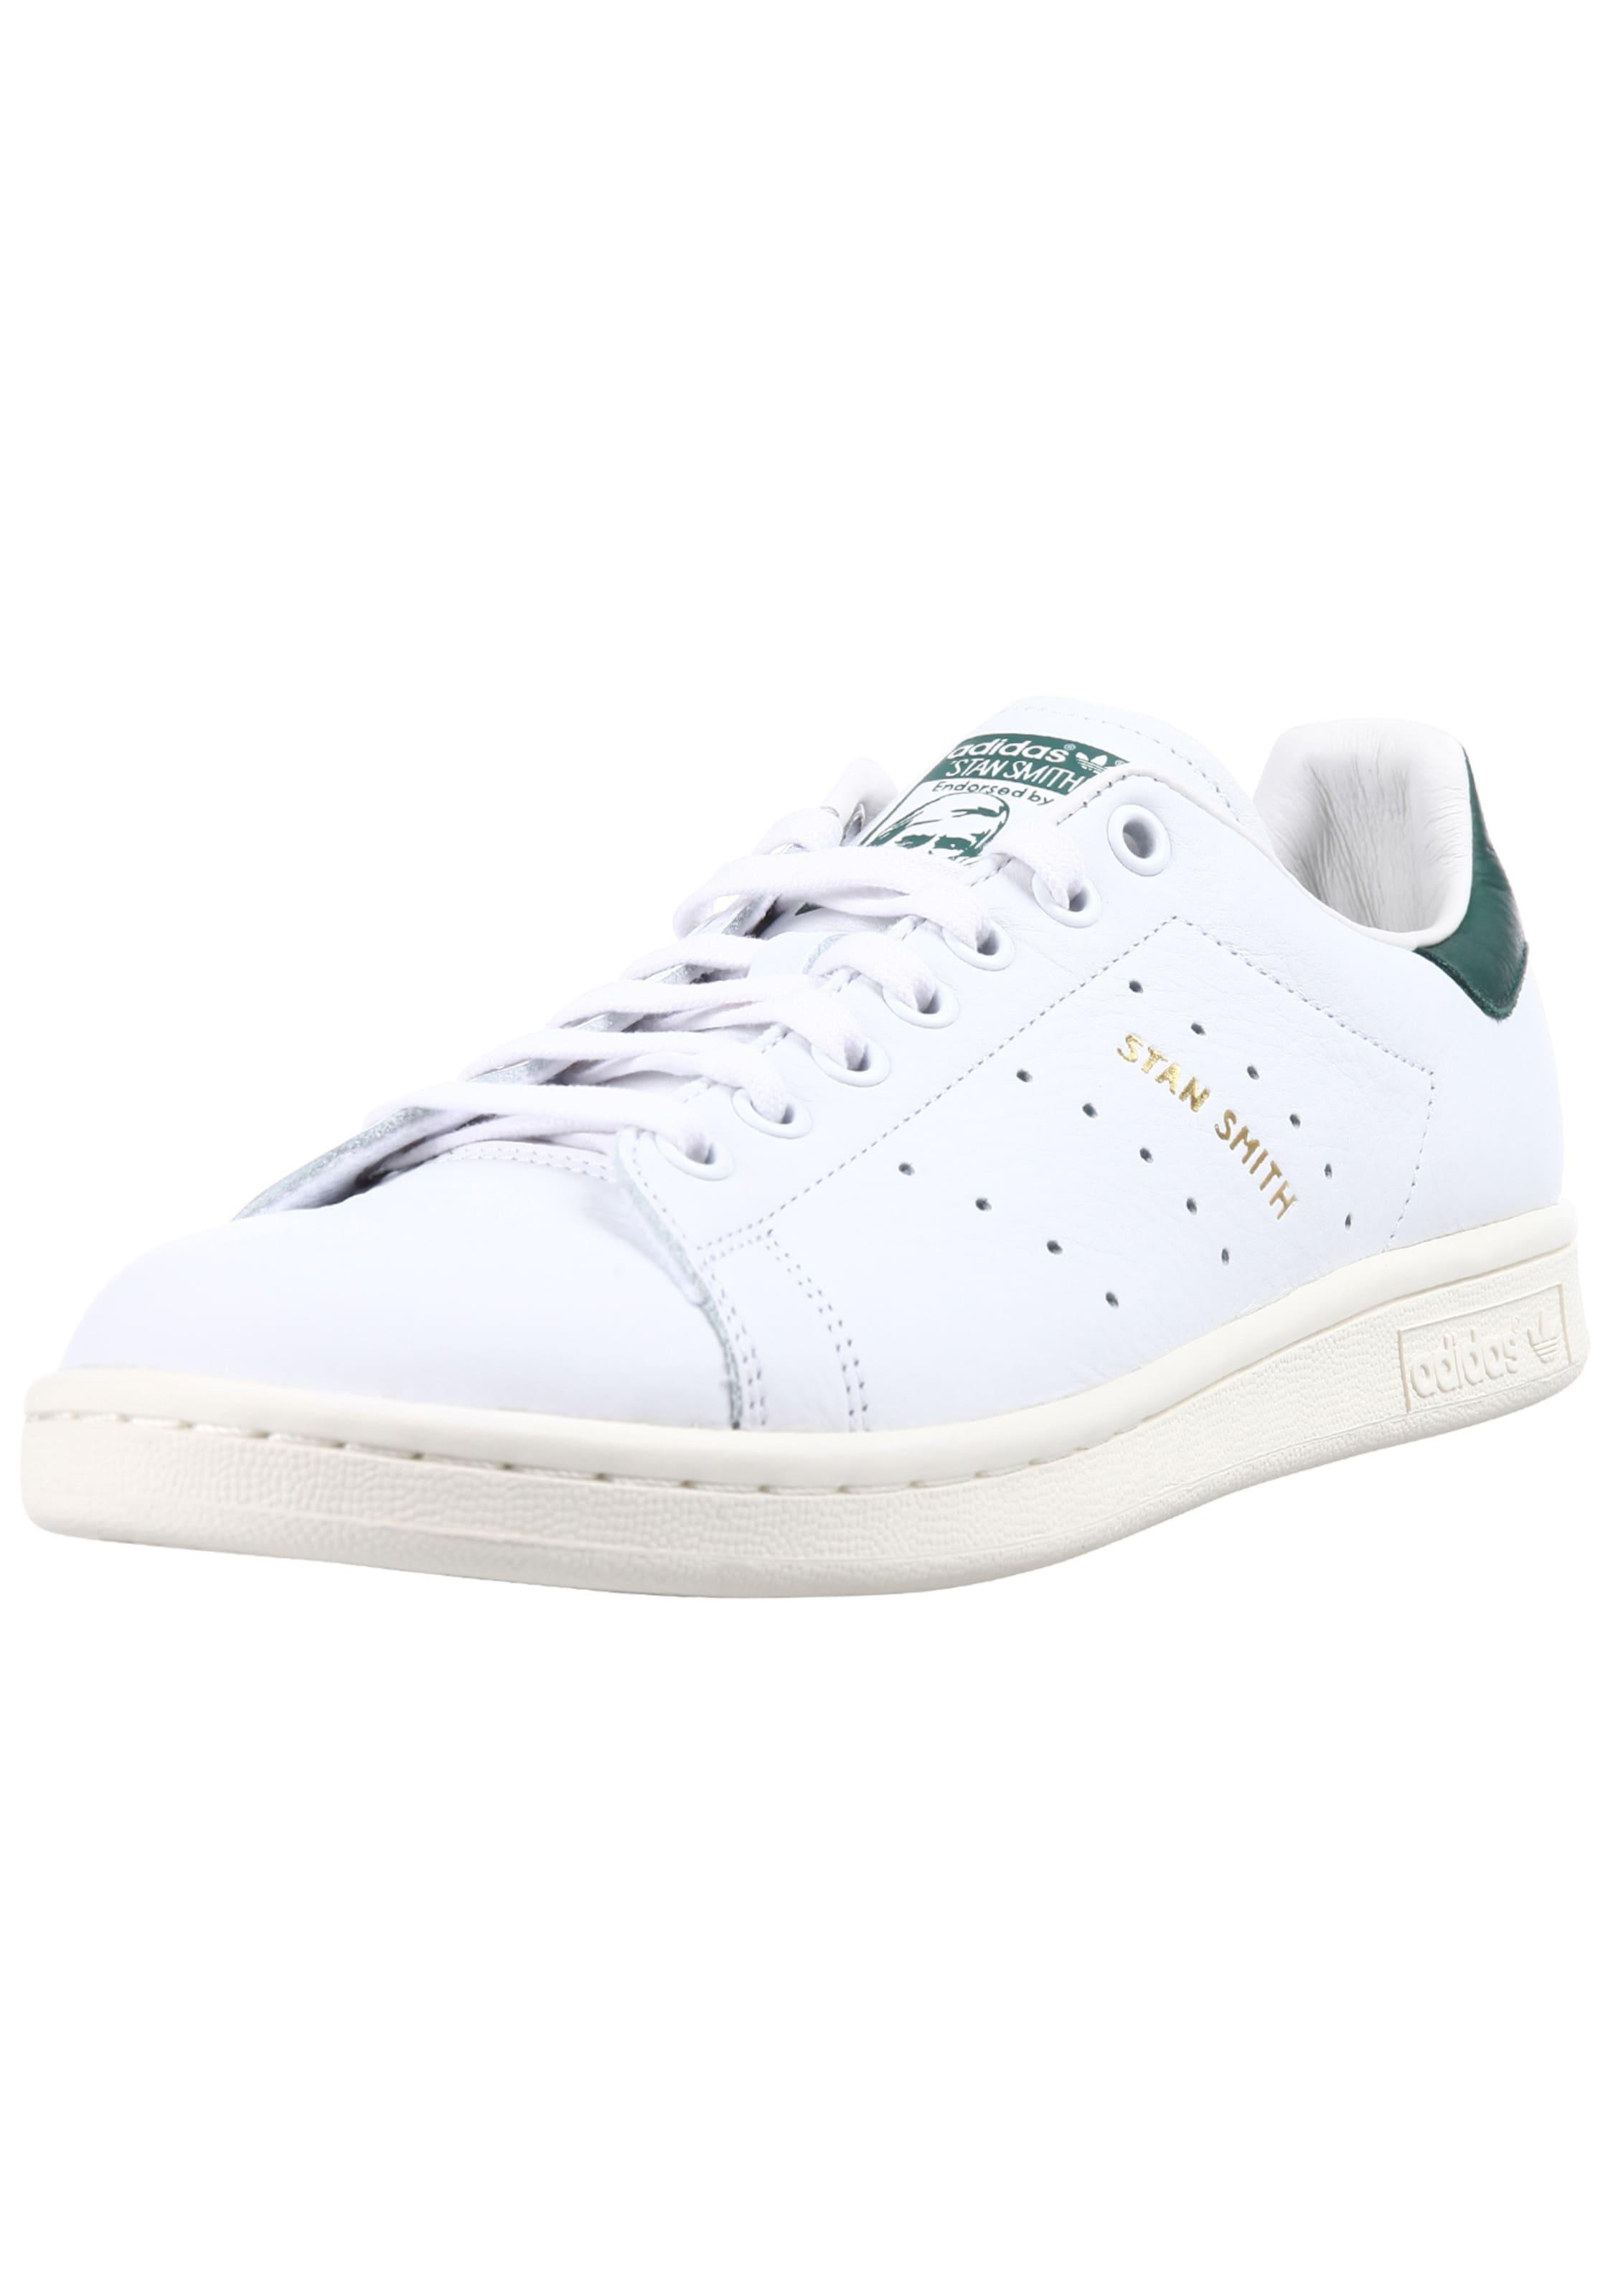 In GrünWeiß Sneaker Smith' Originals 'stan Adidas 8wOvNnm0